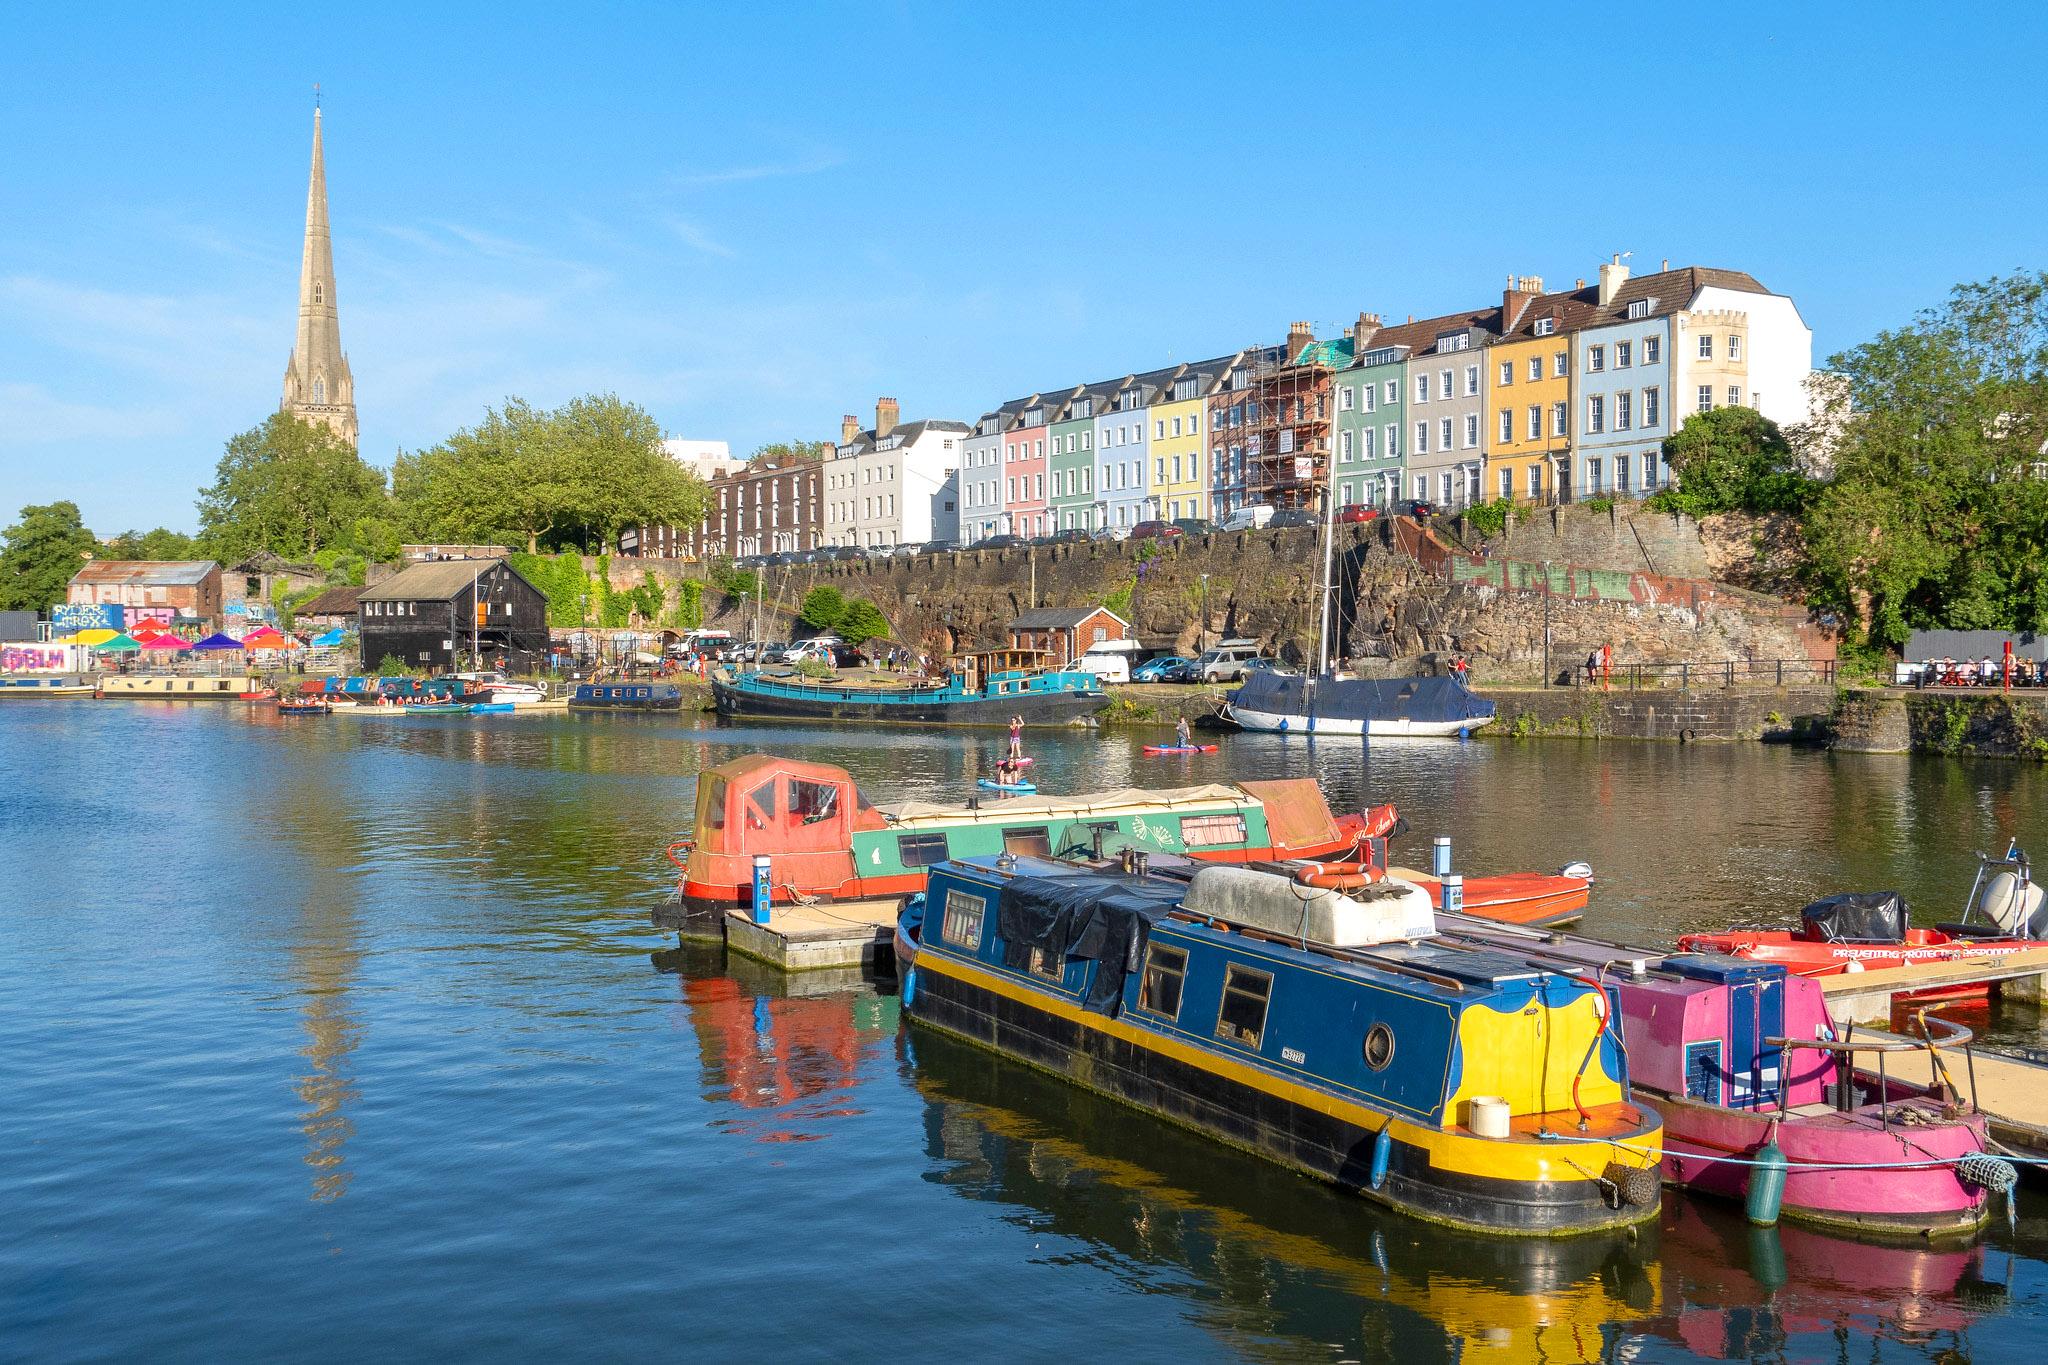 Bristol Harbourside by Vinnievaz.jpg